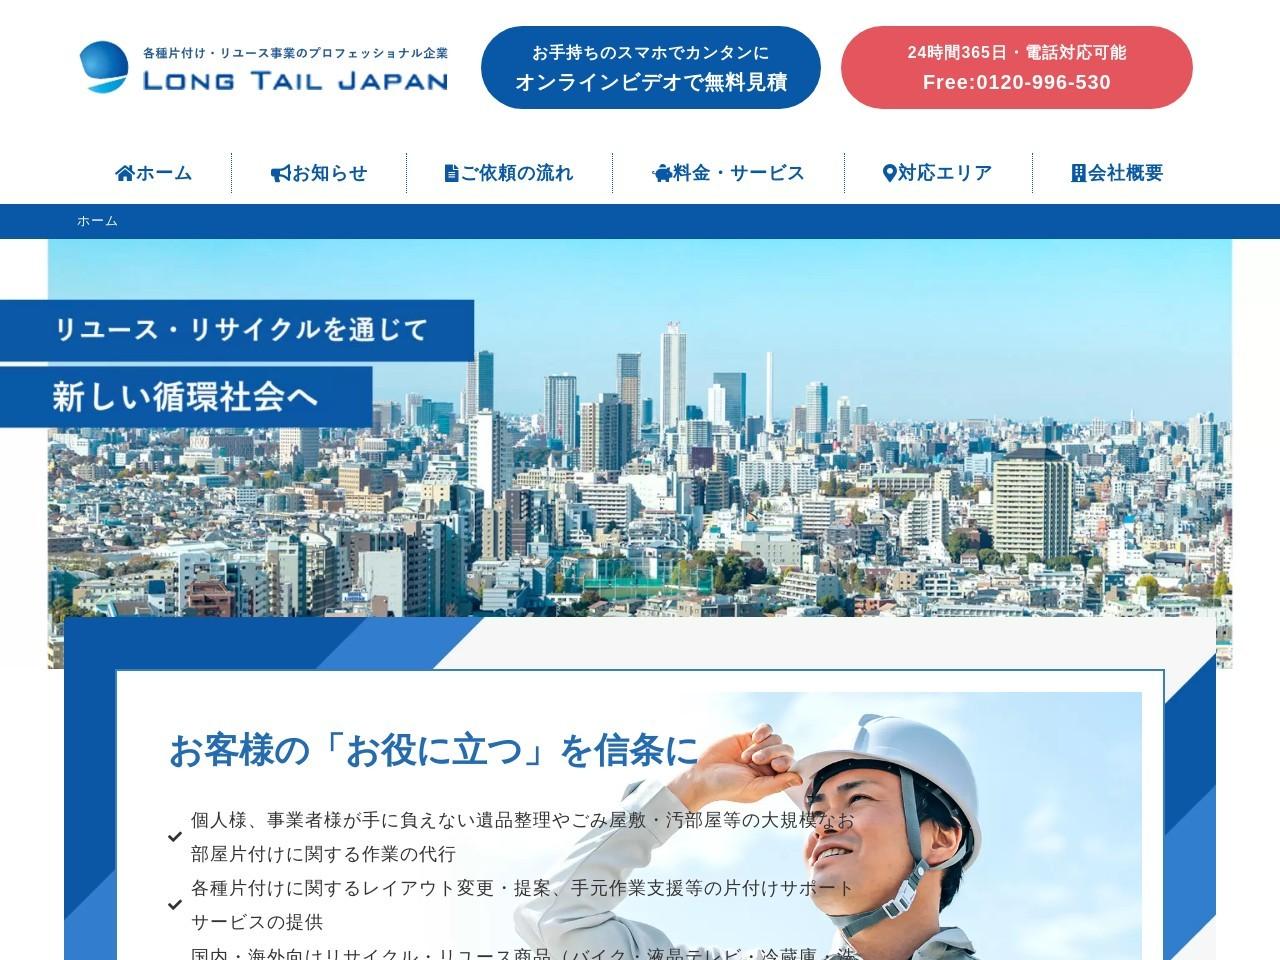 ロングテールジャパン株式会社